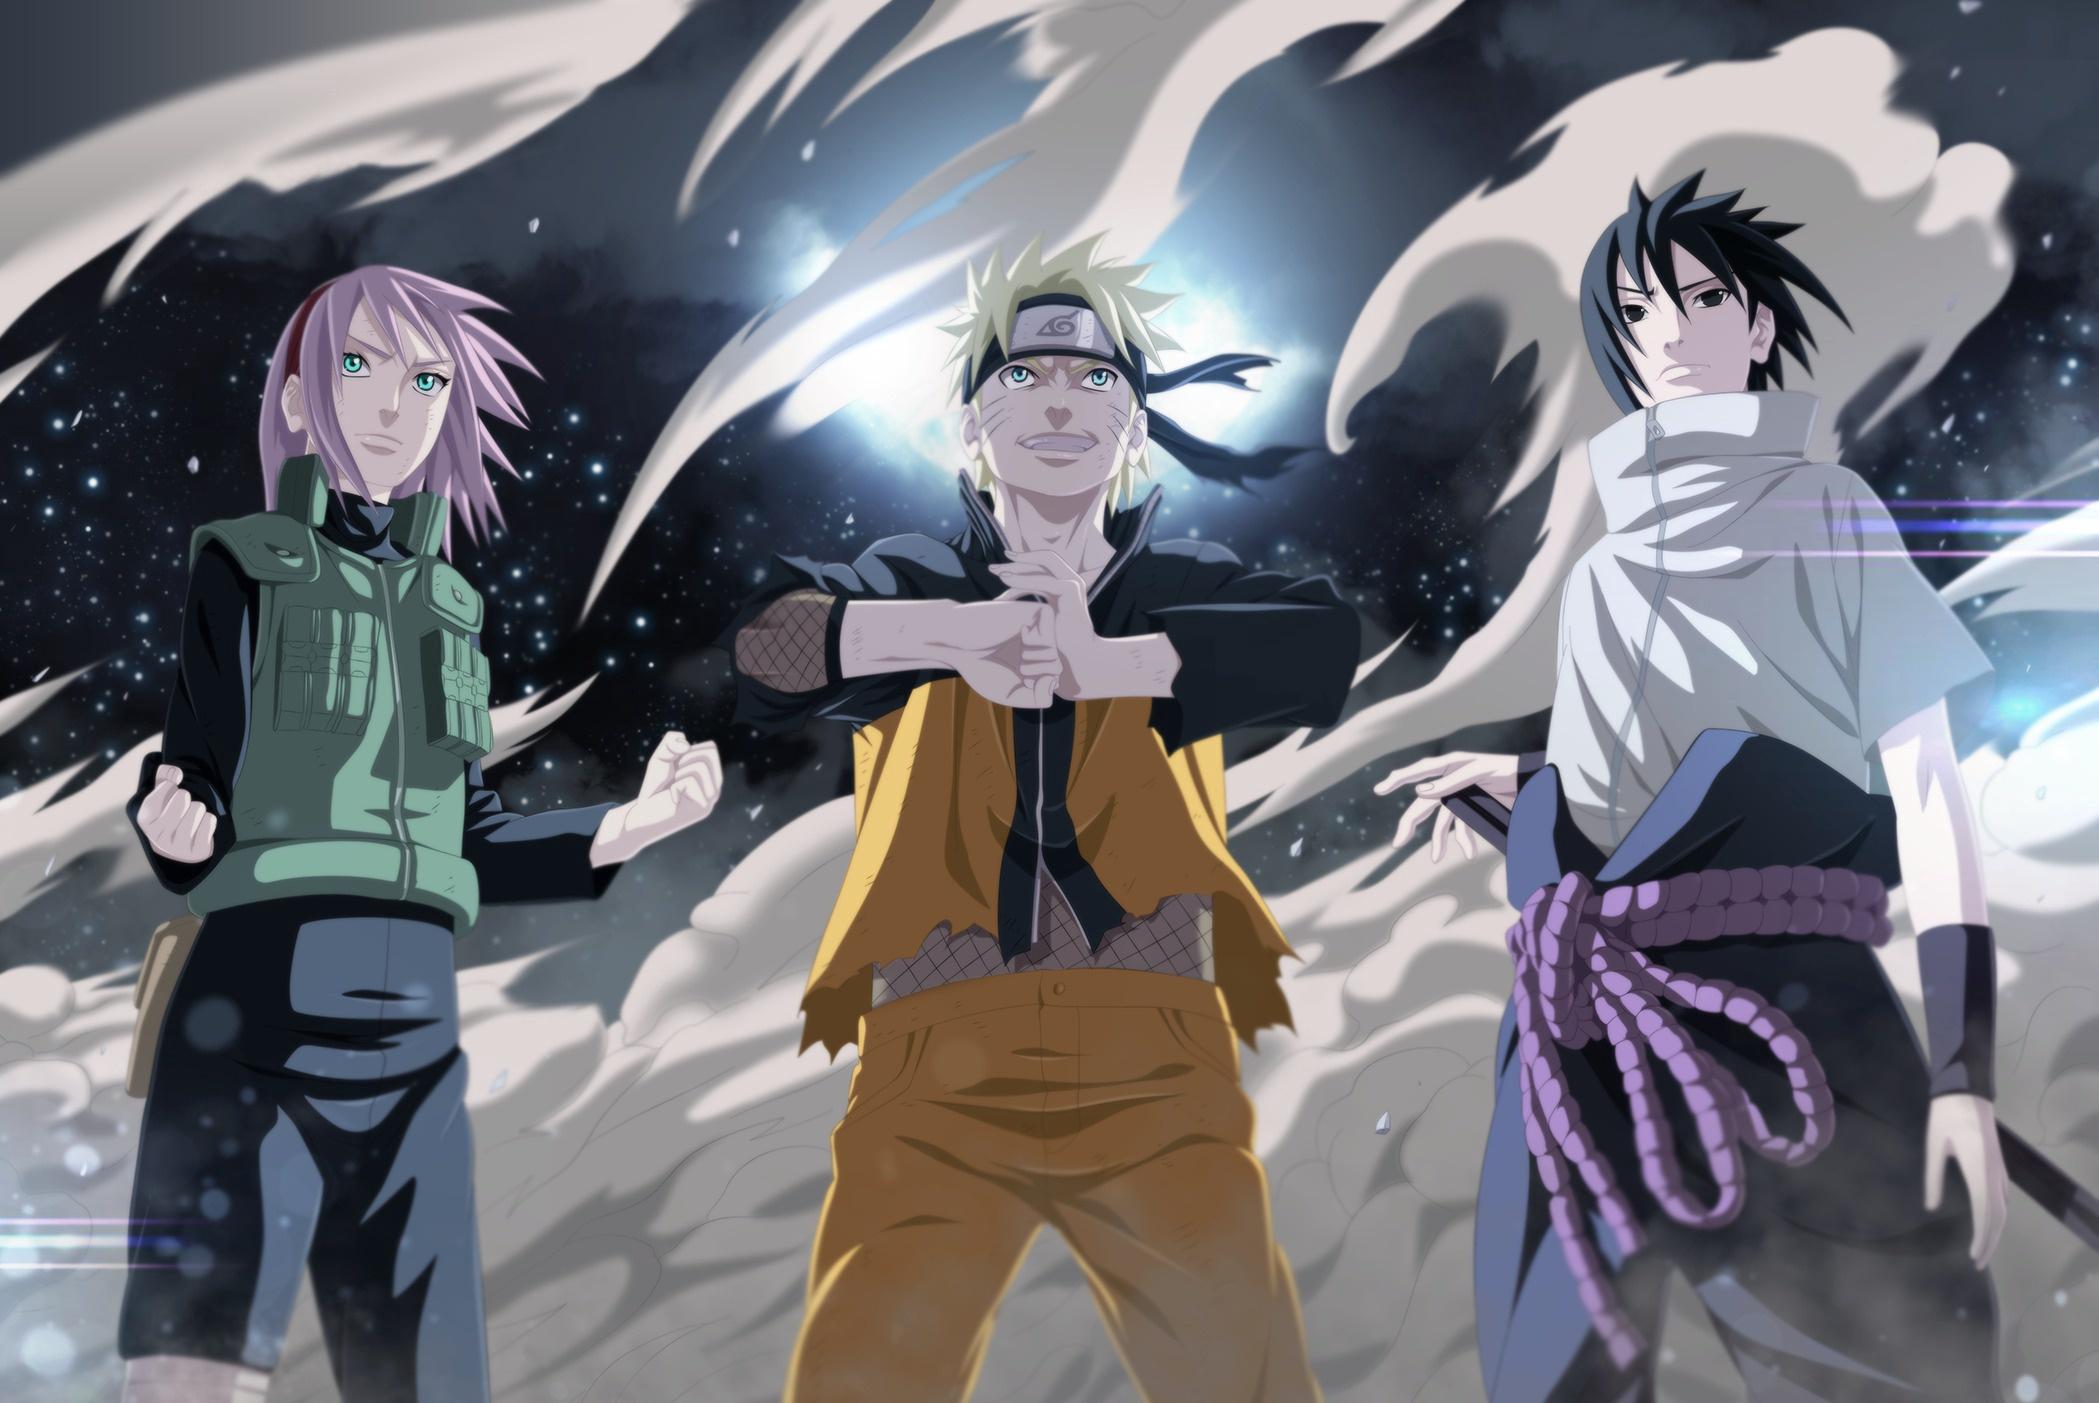 Naruto Naruto Uzumaki Sakura Haruno Sasuke Uchiha 2099x1403